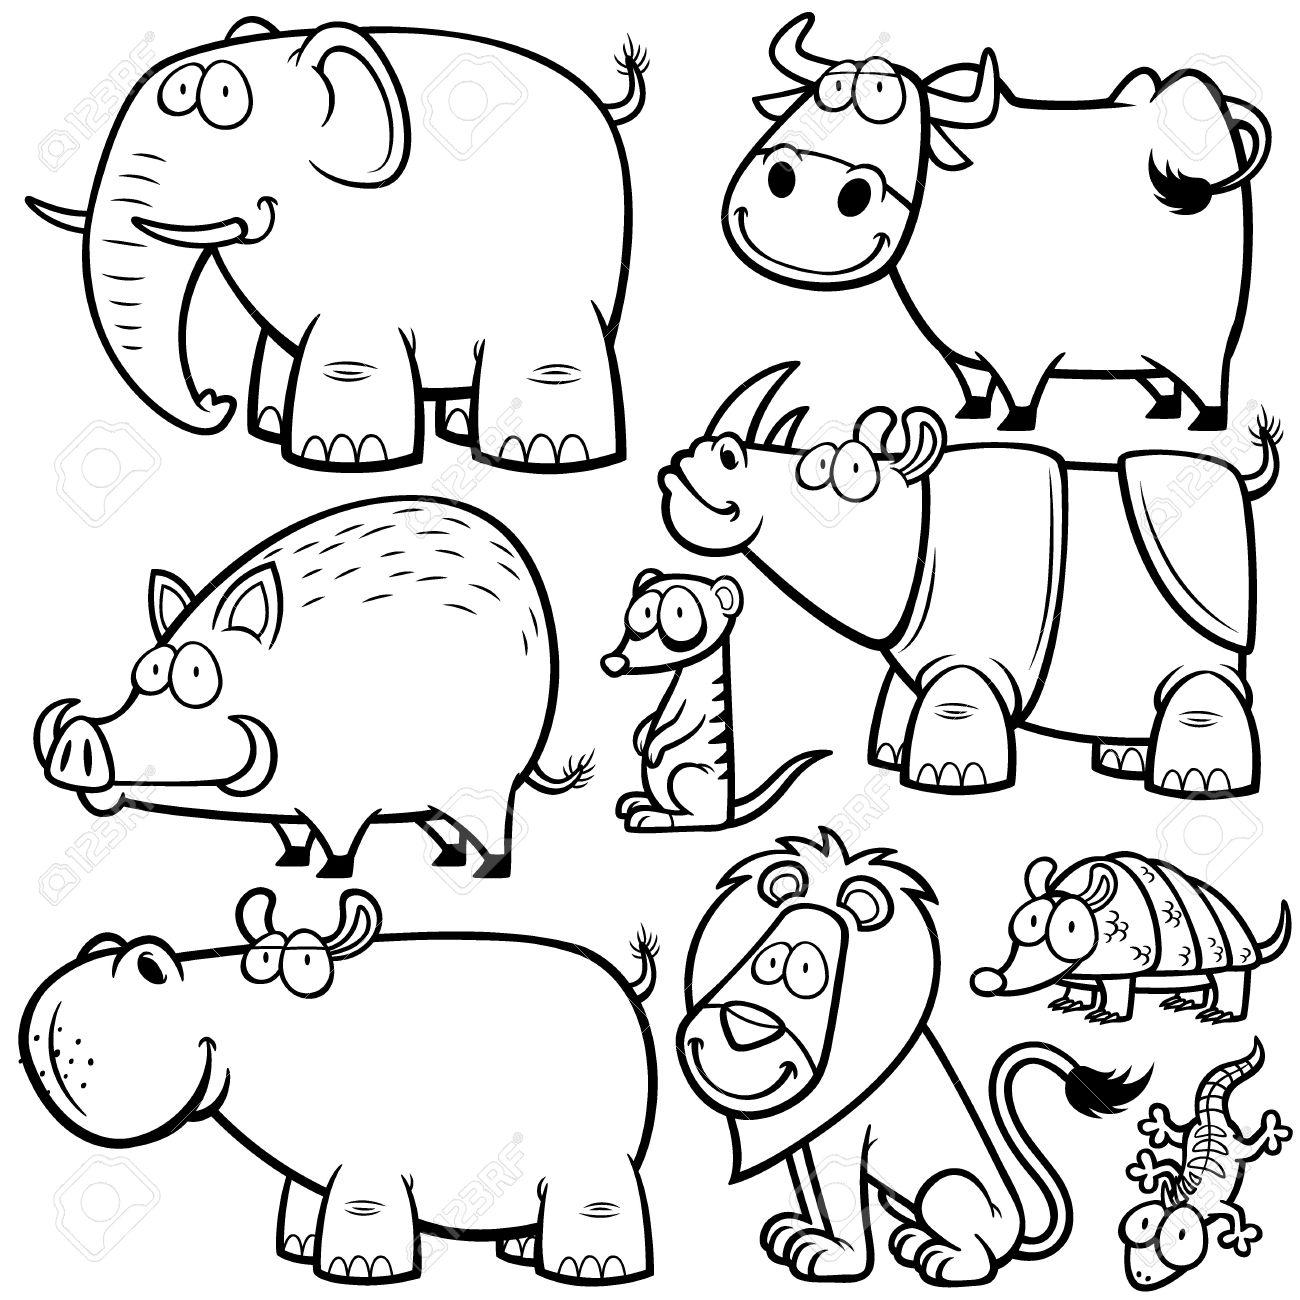 Ilustracion De Animales Salvajes Caricaturas Libro Para Colorear